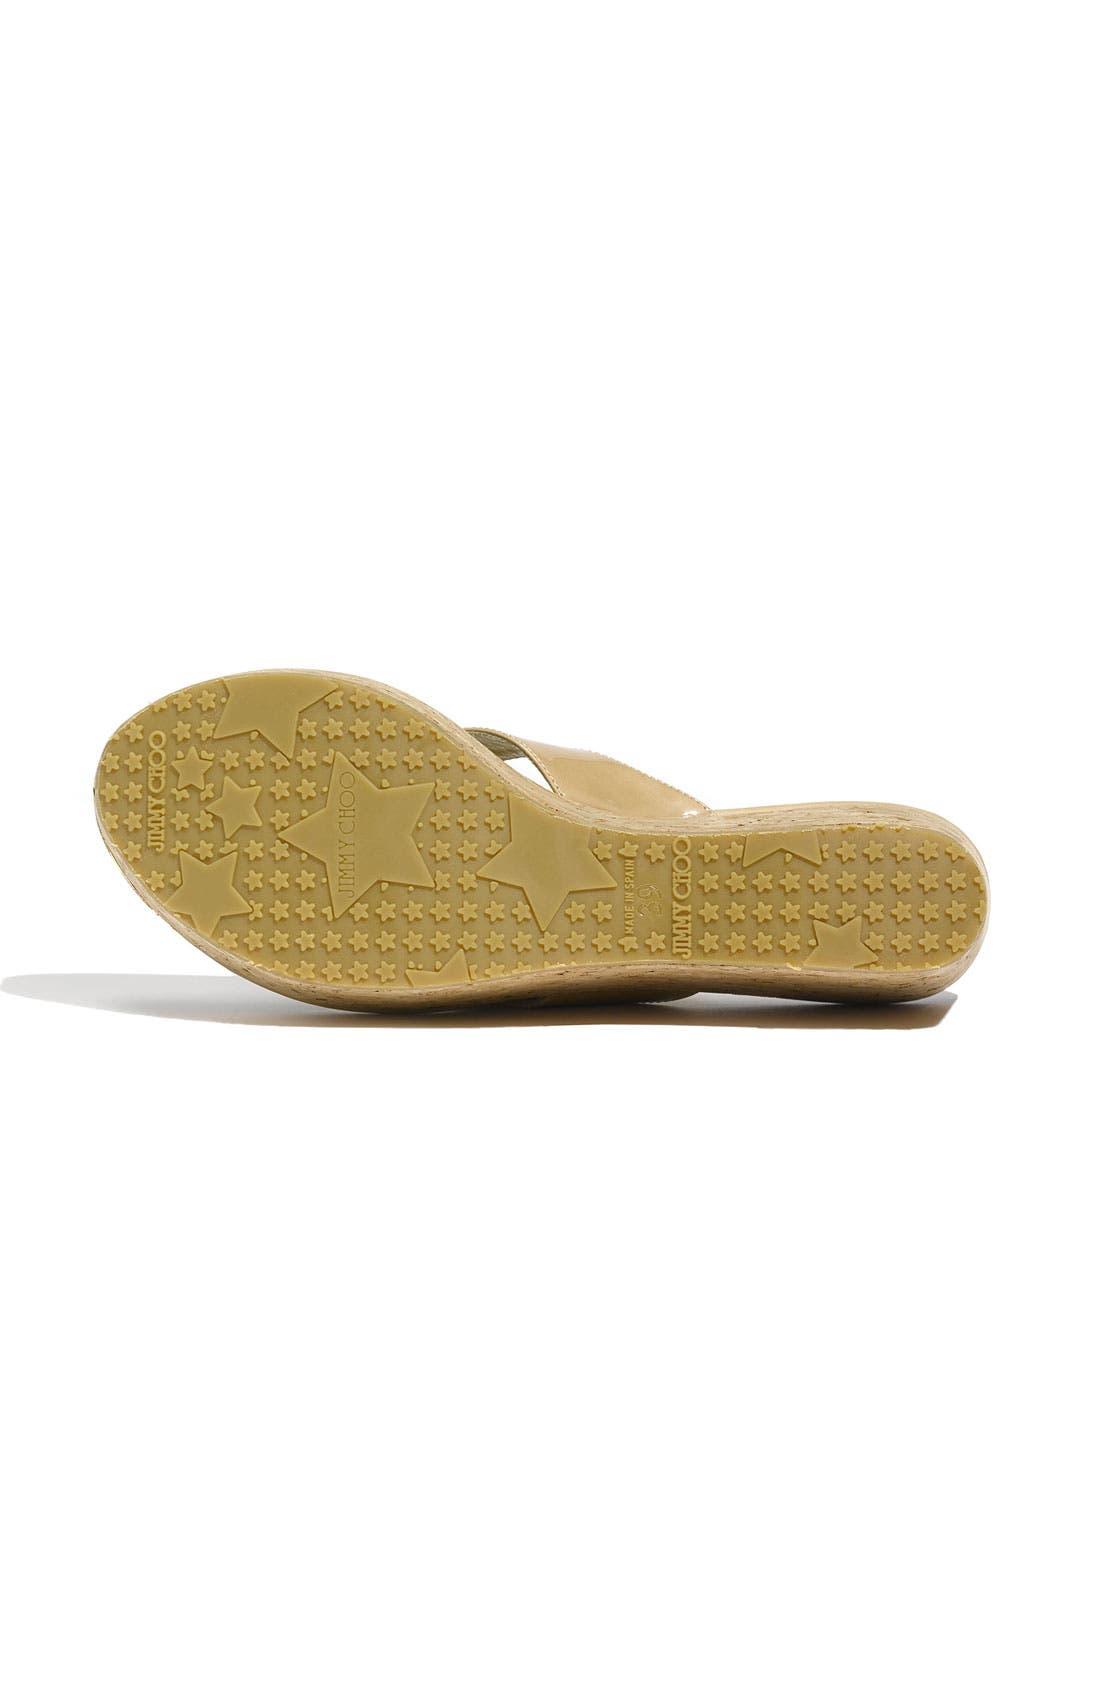 Alternate Image 4  - Jimmy Choo 'Pathos Pat' Cork Wedge Sandal